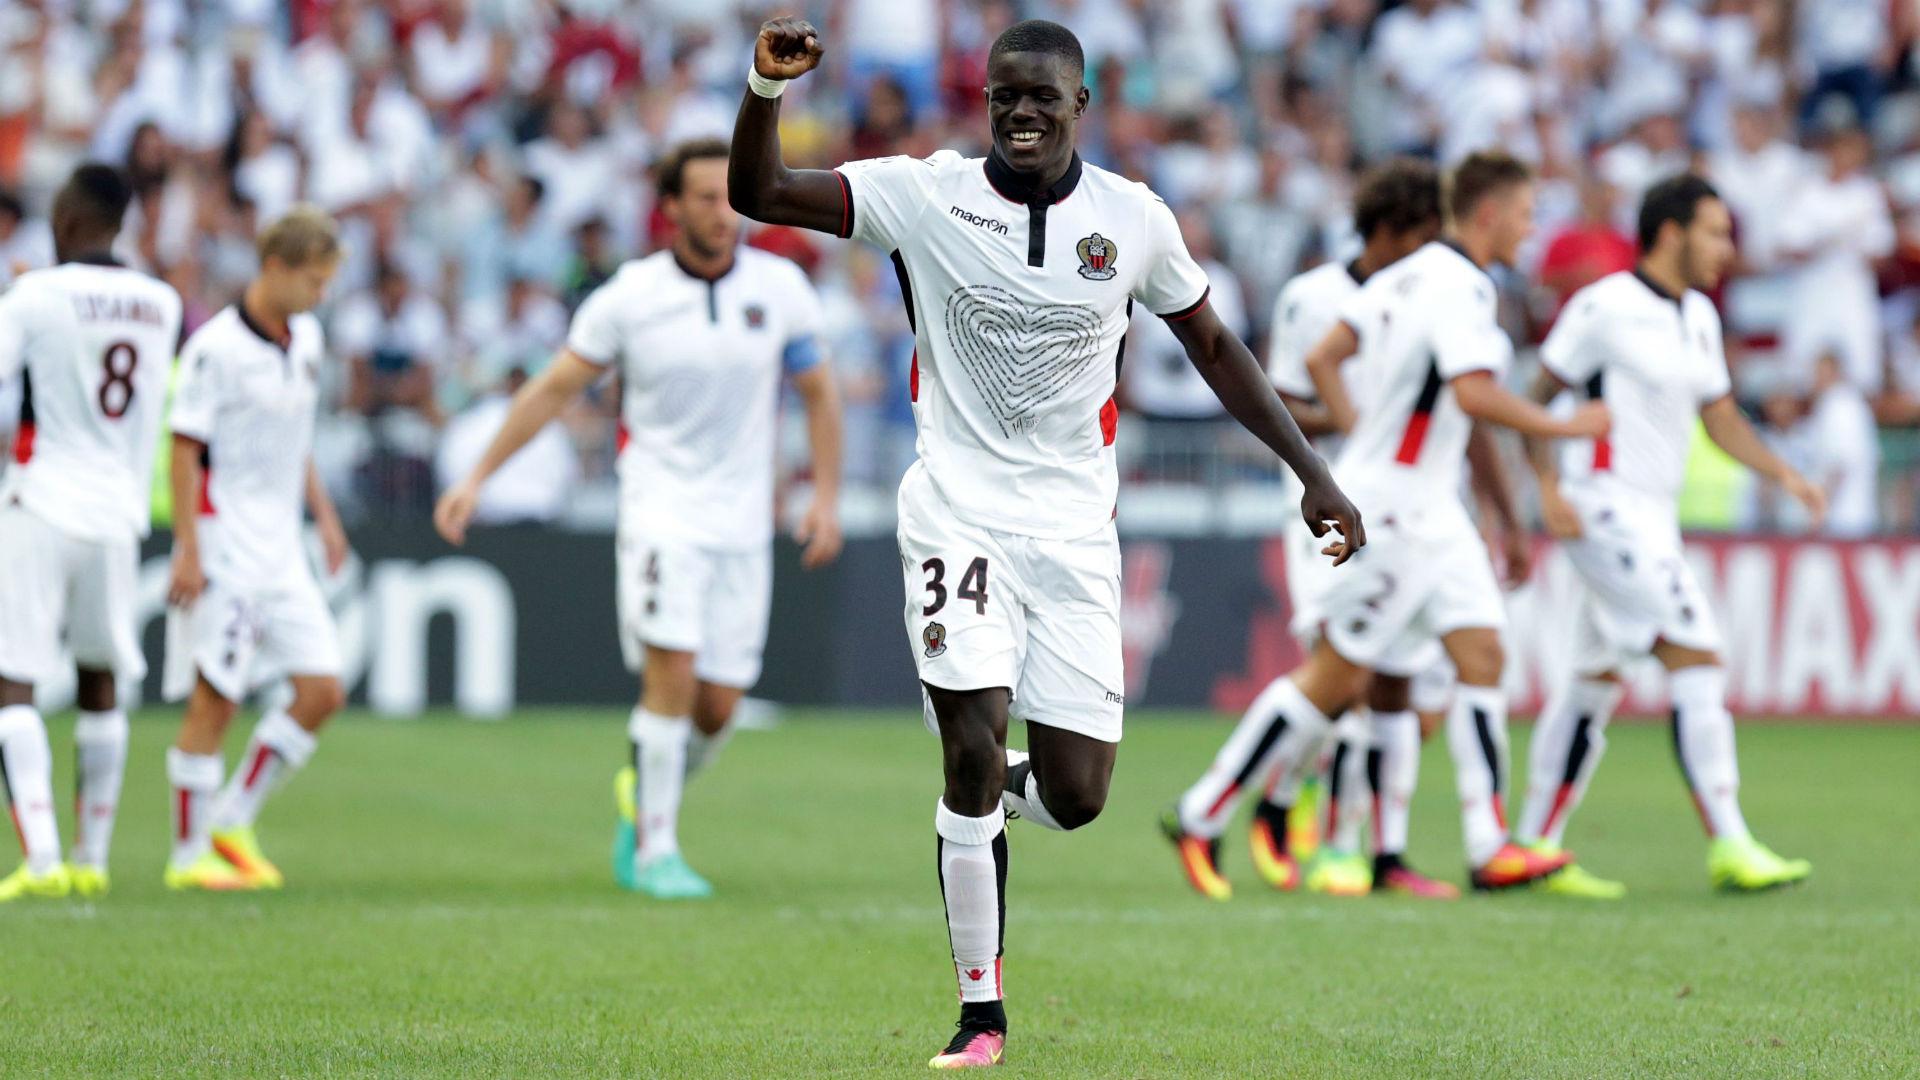 Malang Sarr Nice Ligue 1